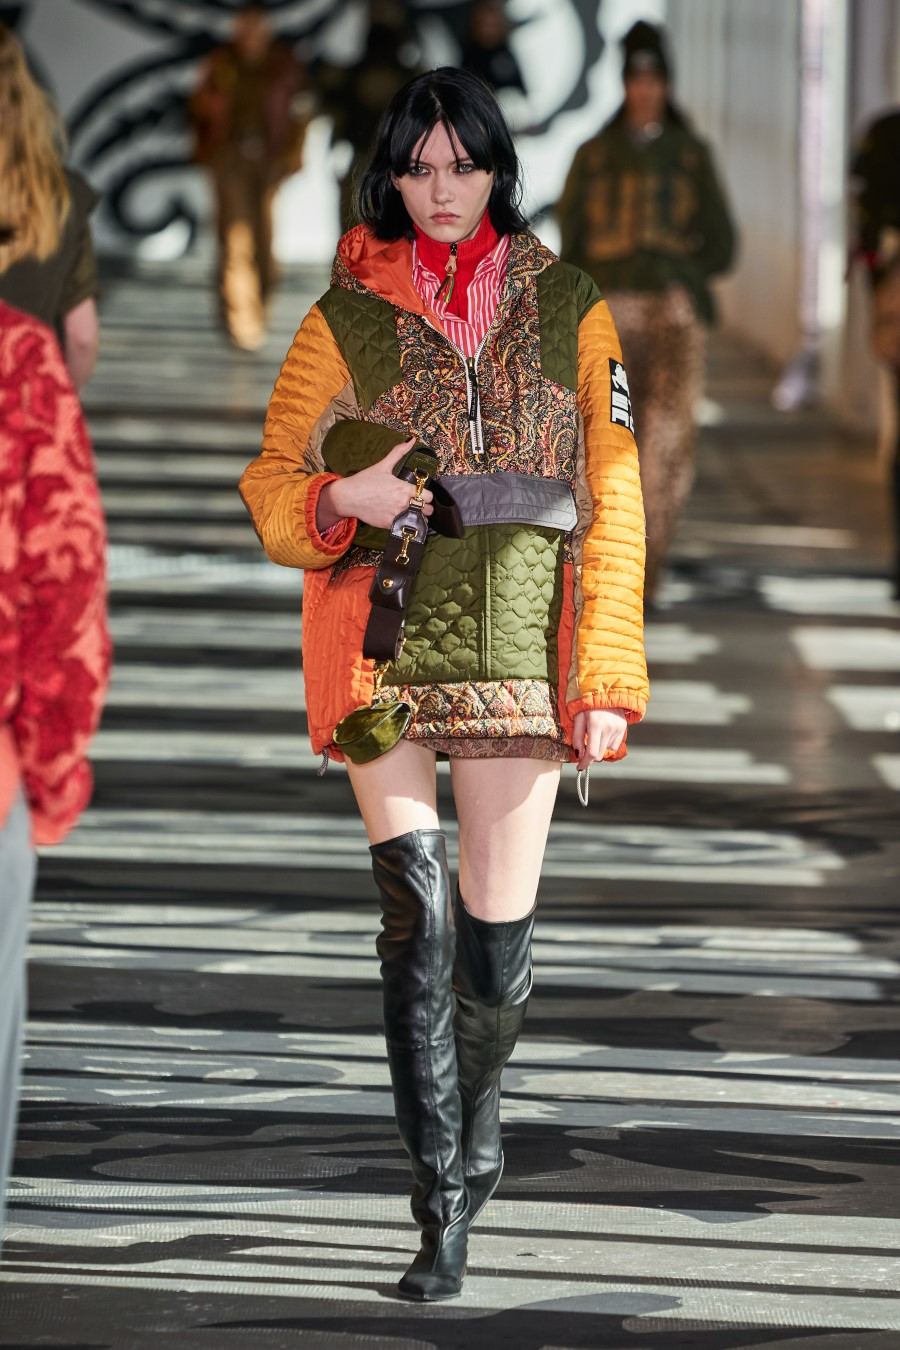 Etro Fall Winter 2021 - Milan Fashion Week